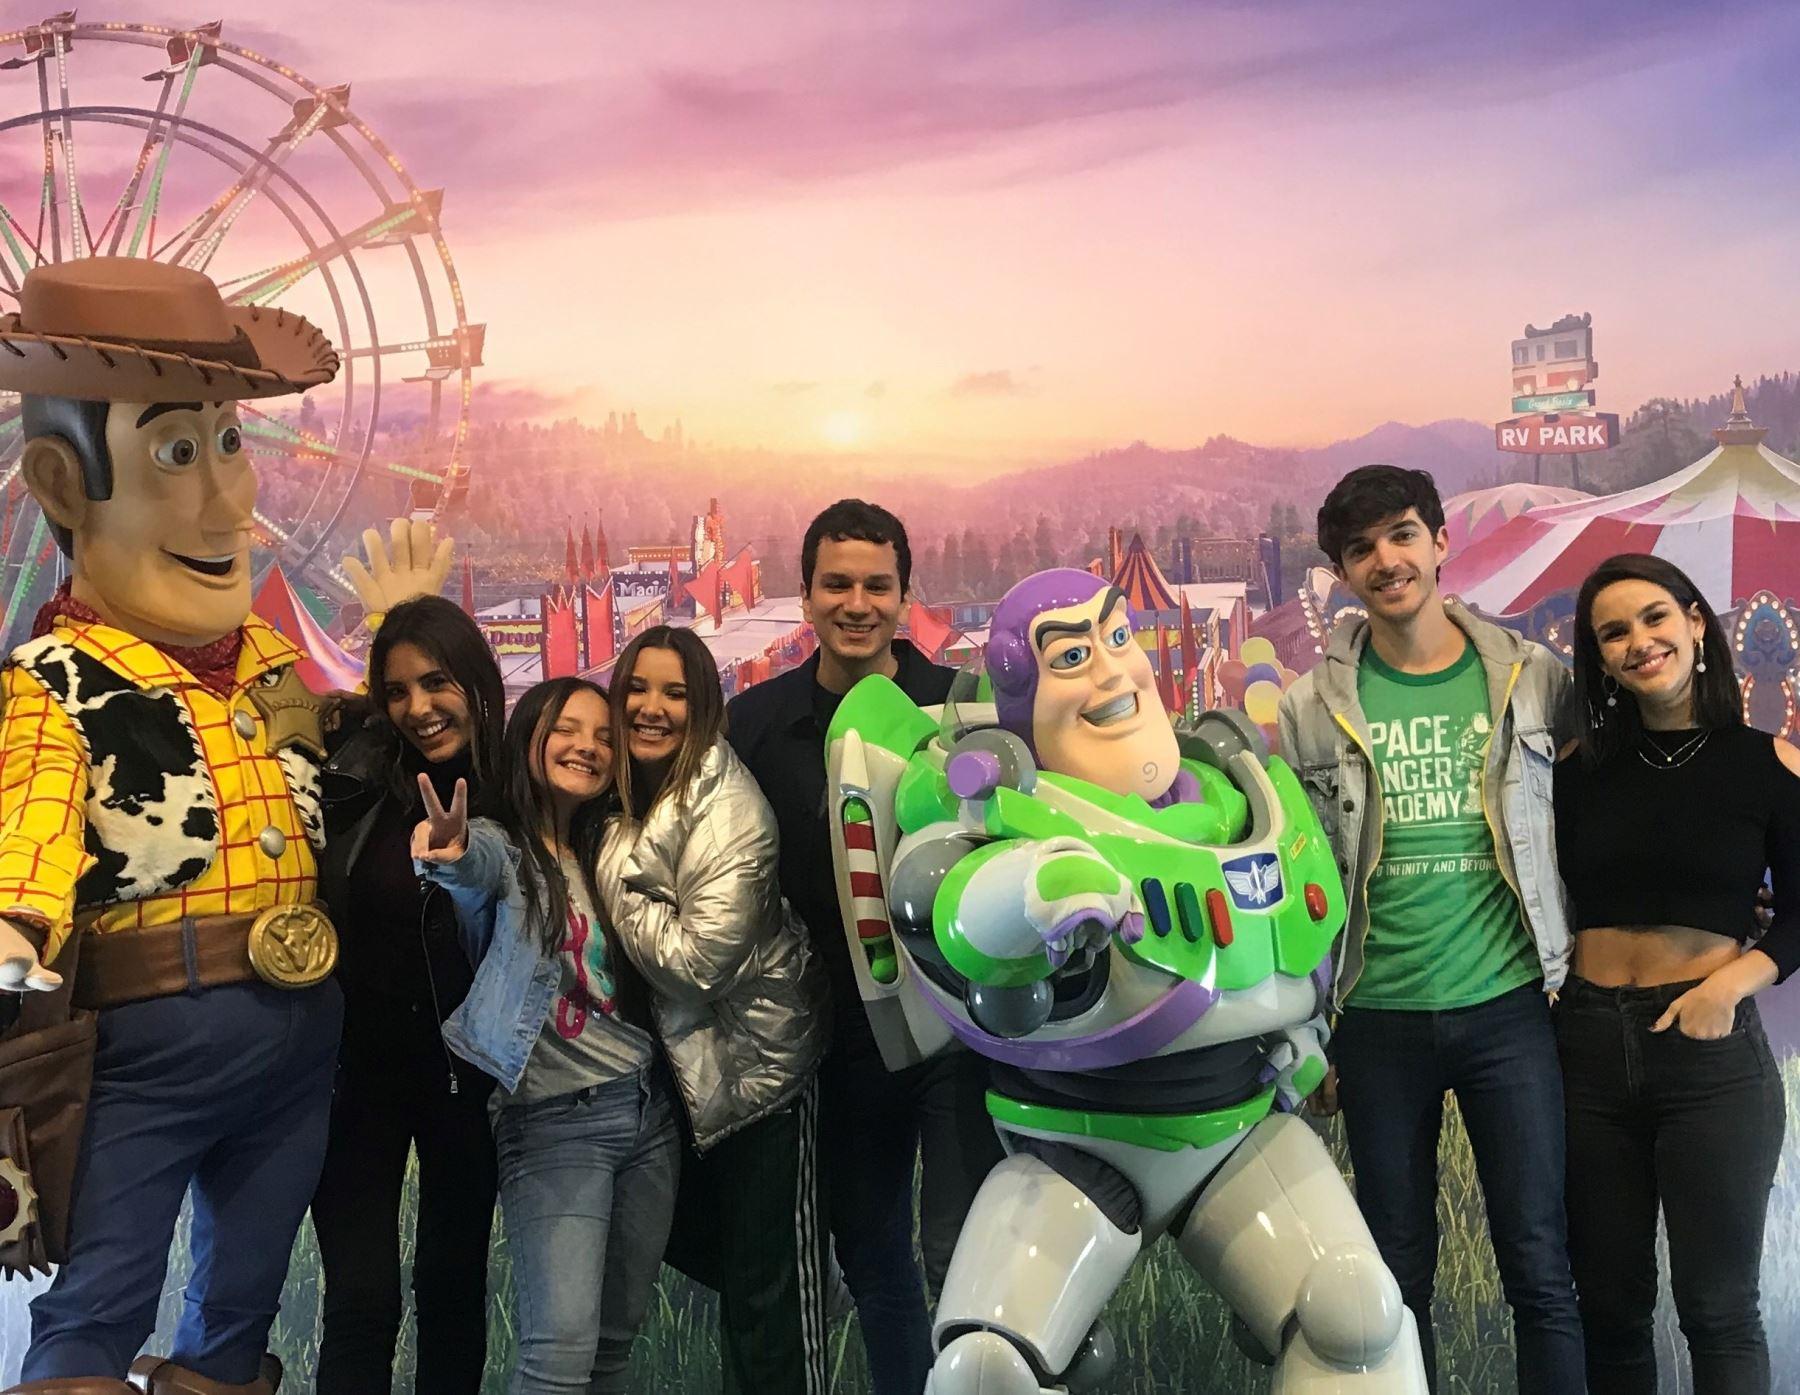 Los personajes de Toy Story 4 visitarán los puntos de acopio donde se recolectarán juguetes para la asociación Make A Wish.